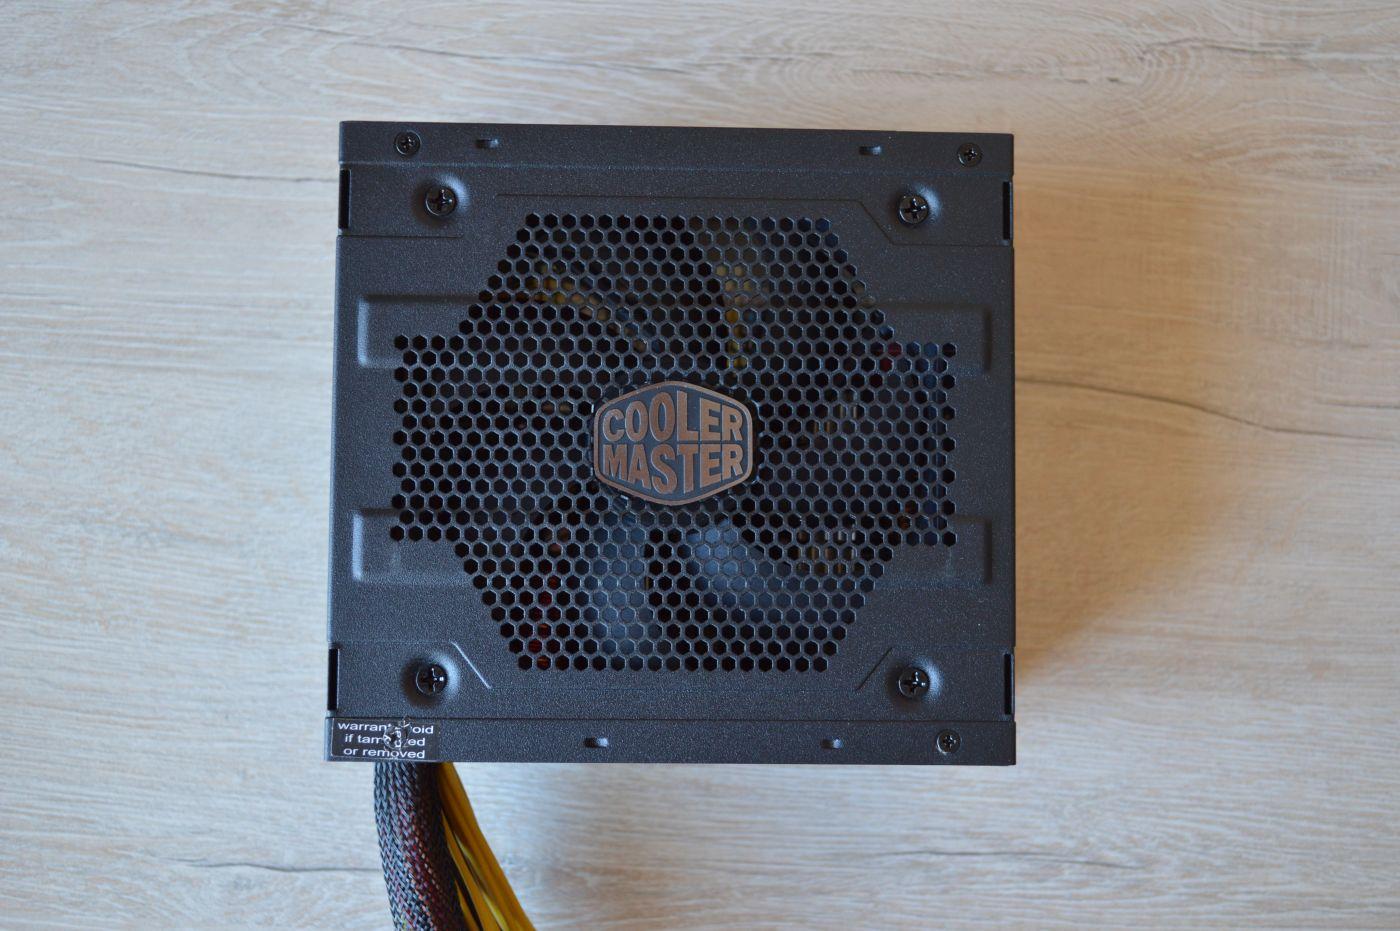 вентилятор Cooler Master Elite 600 v4